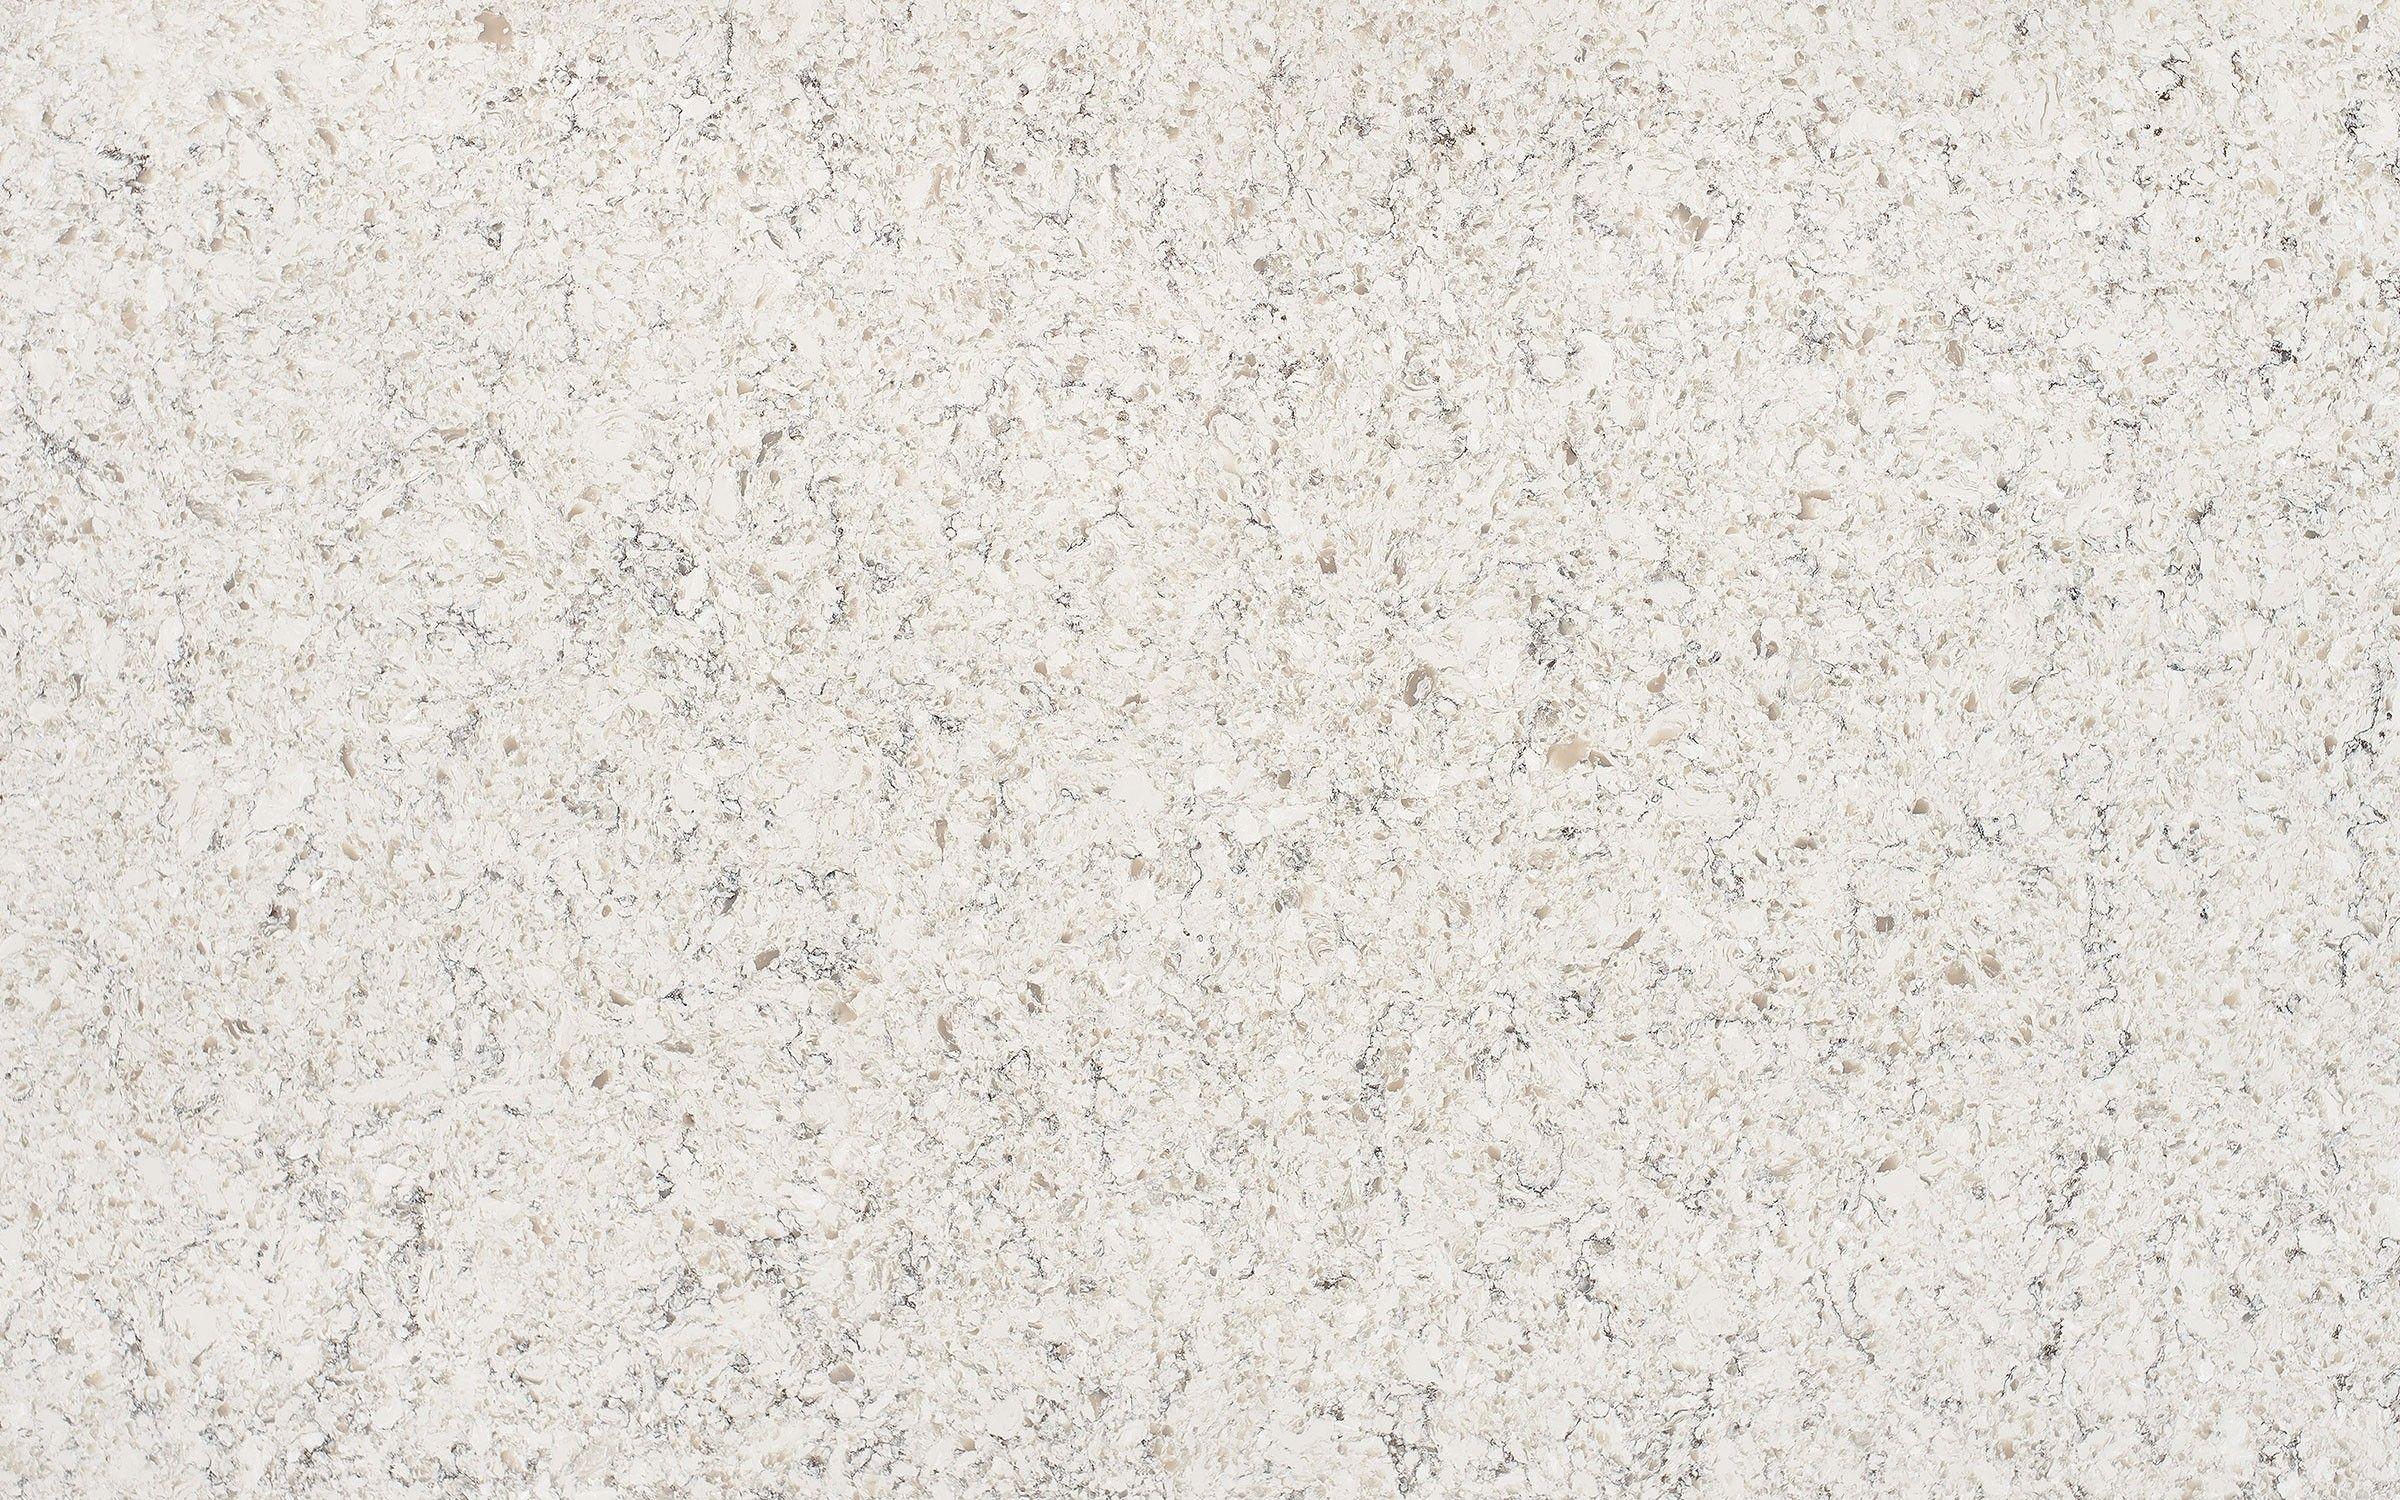 santiago is a quartz countertop design